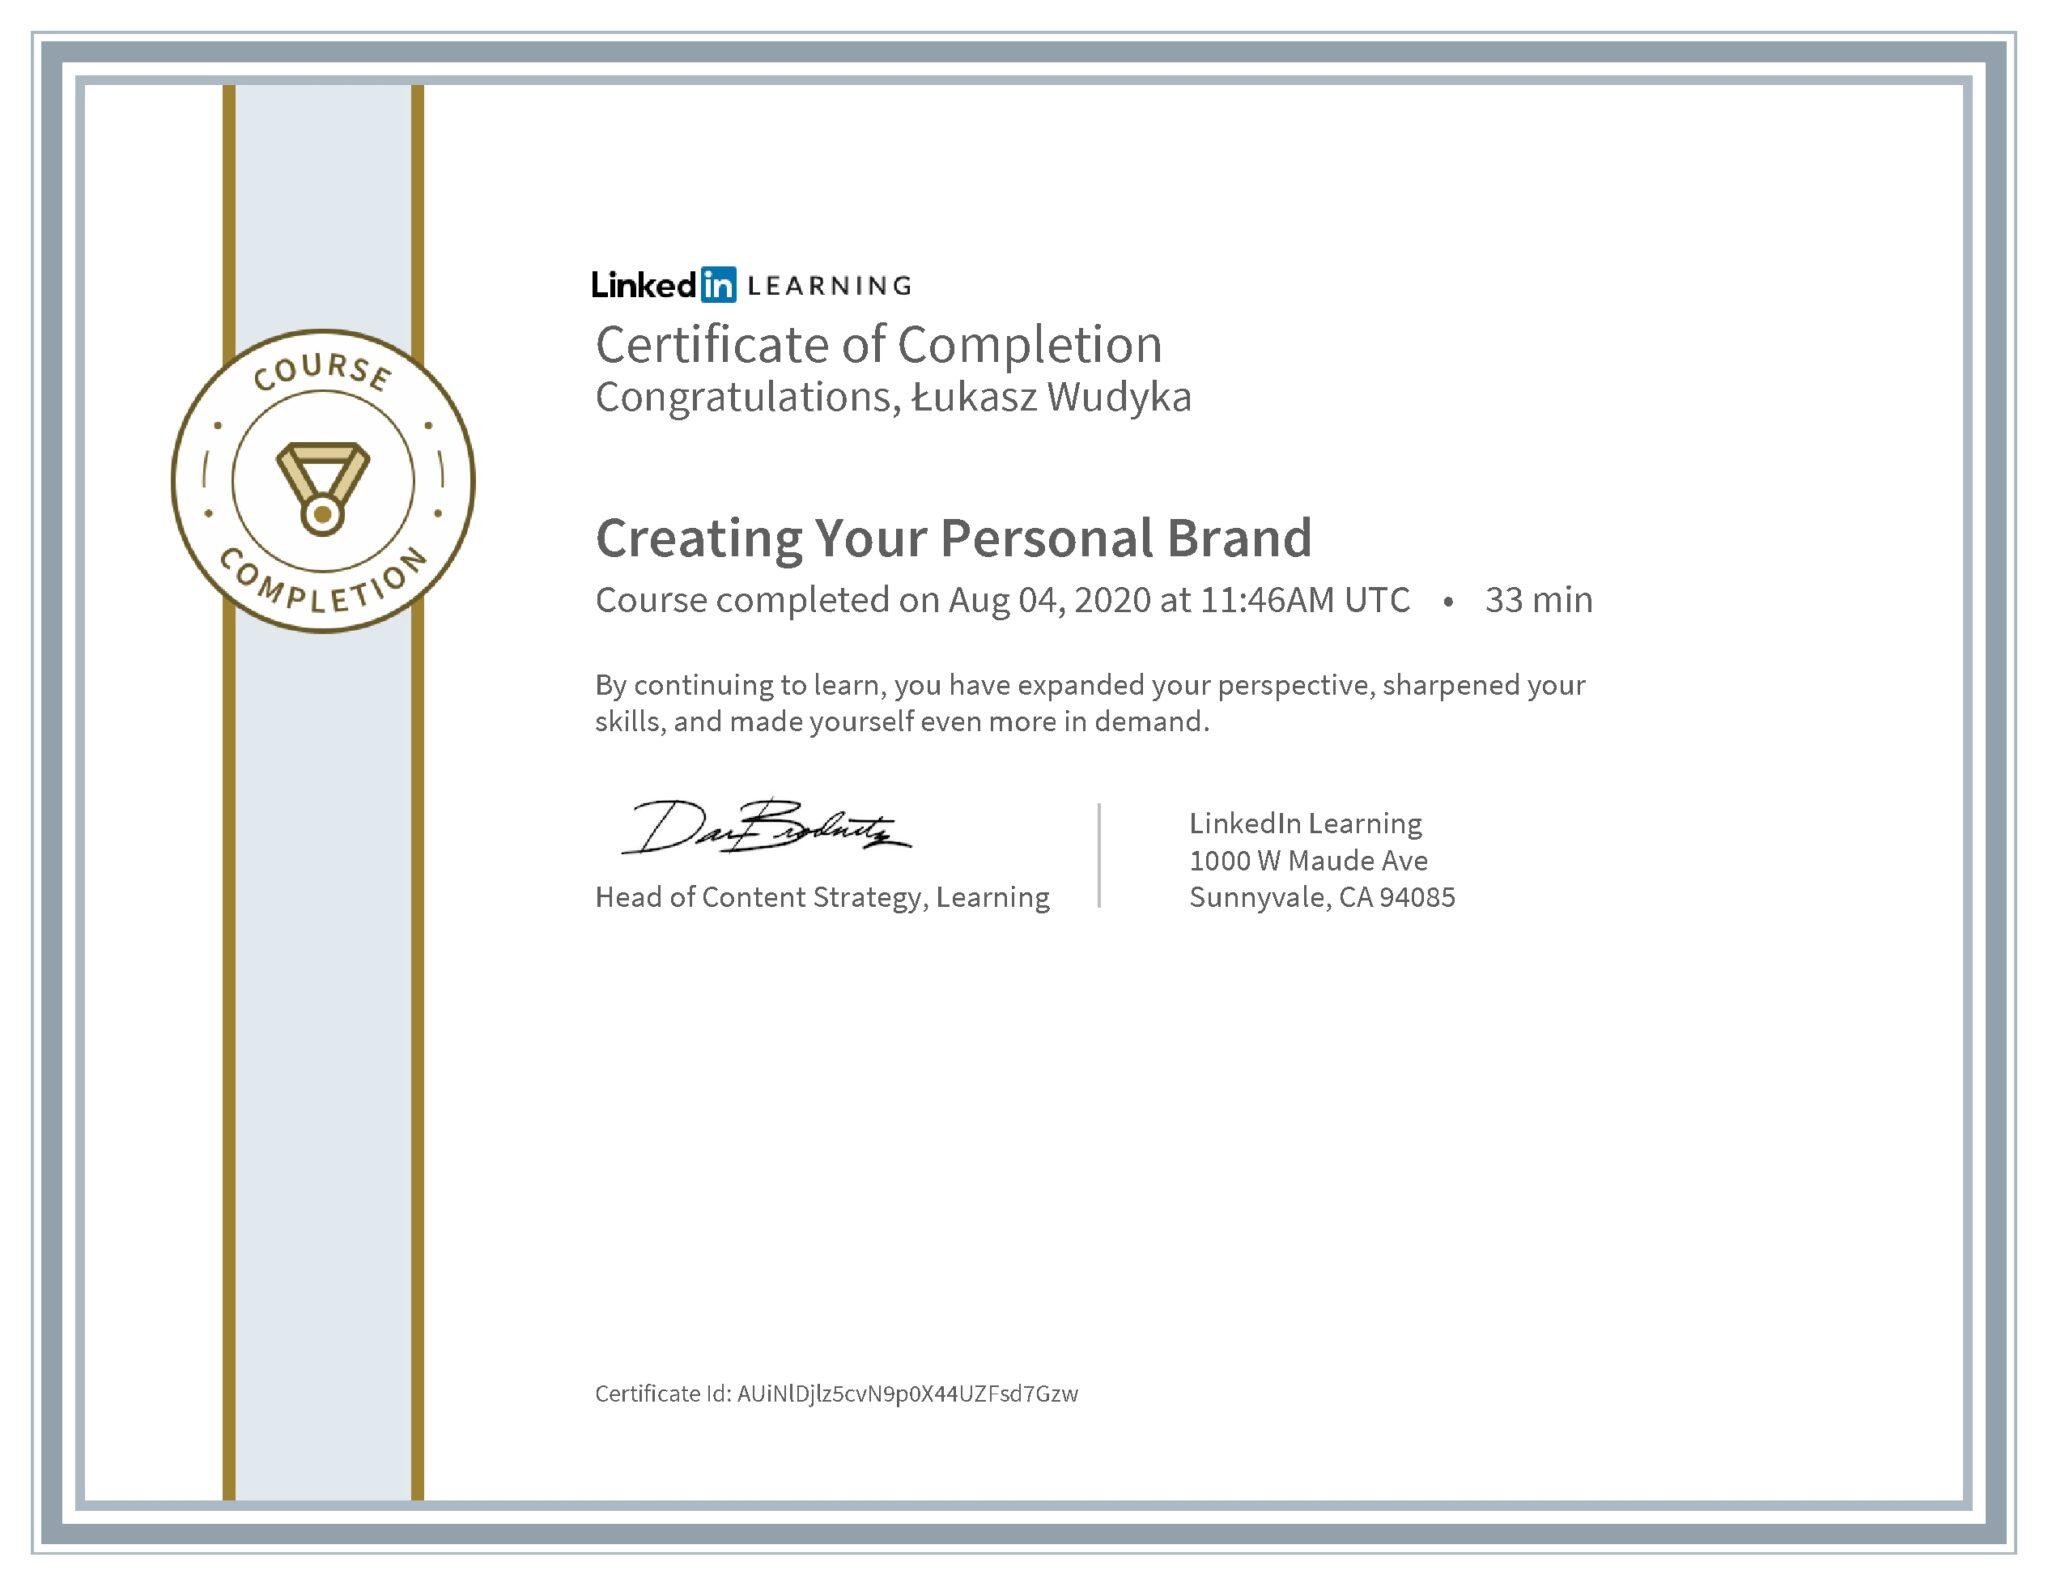 Łukasz Wudyka certyfikat LinkedIn Creating Your Personal Brand